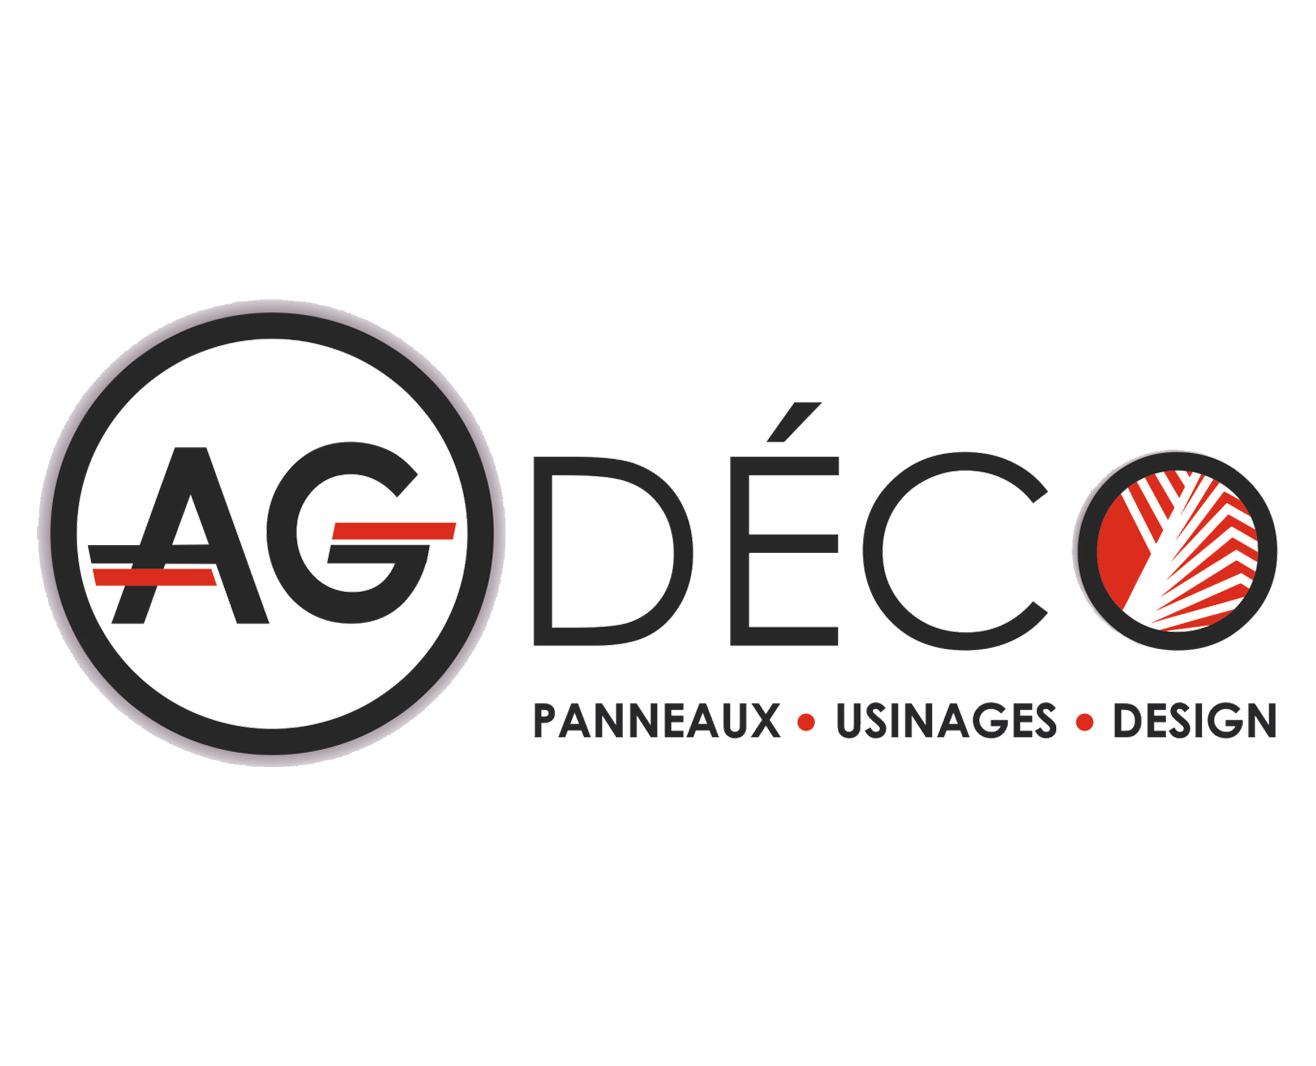 AG DECO